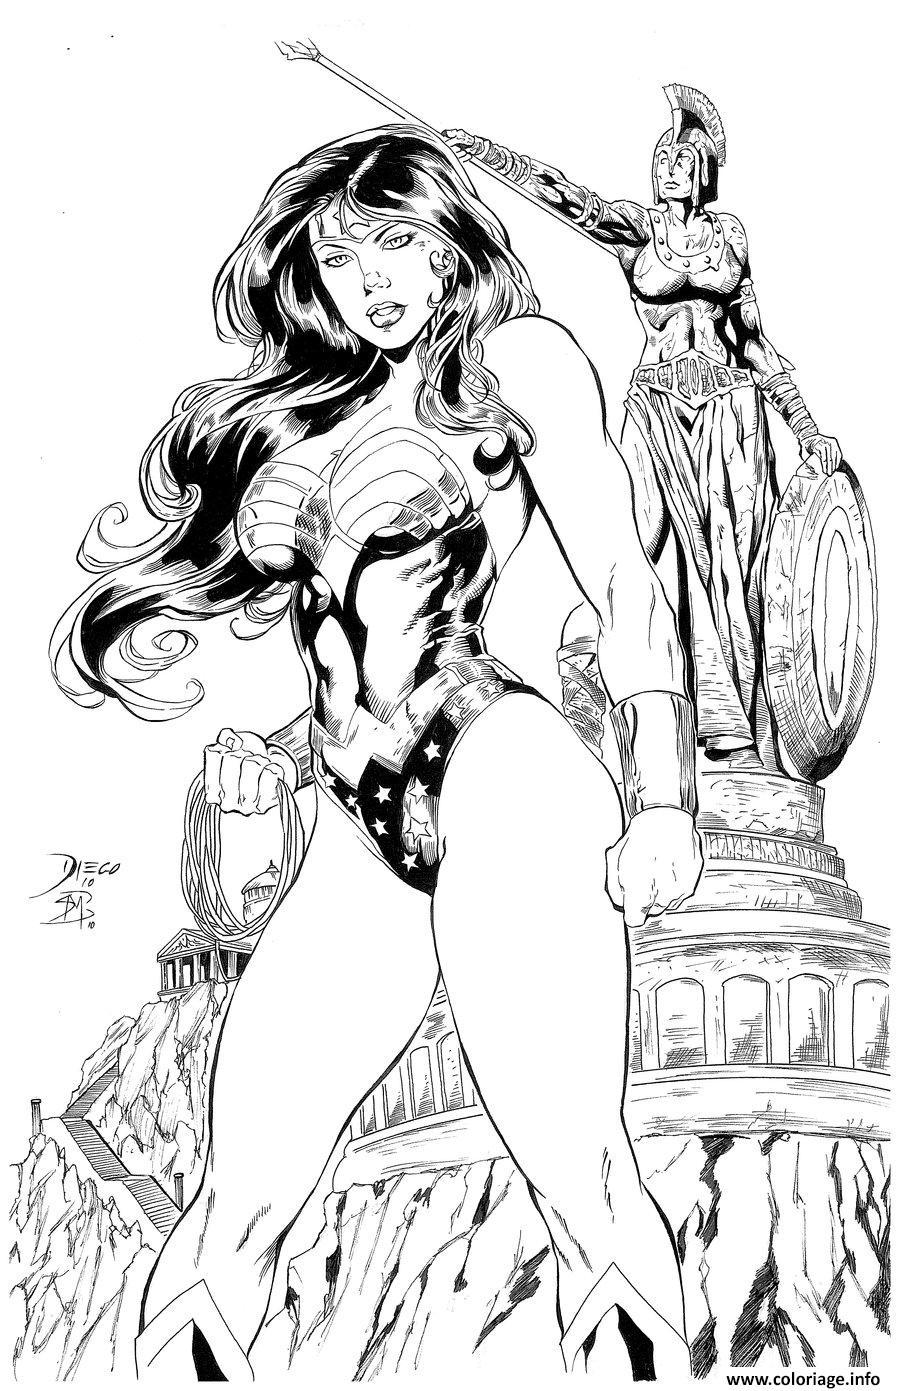 Dessin wonder woman in italy adulte par barquiel dc comics Coloriage Gratuit à Imprimer